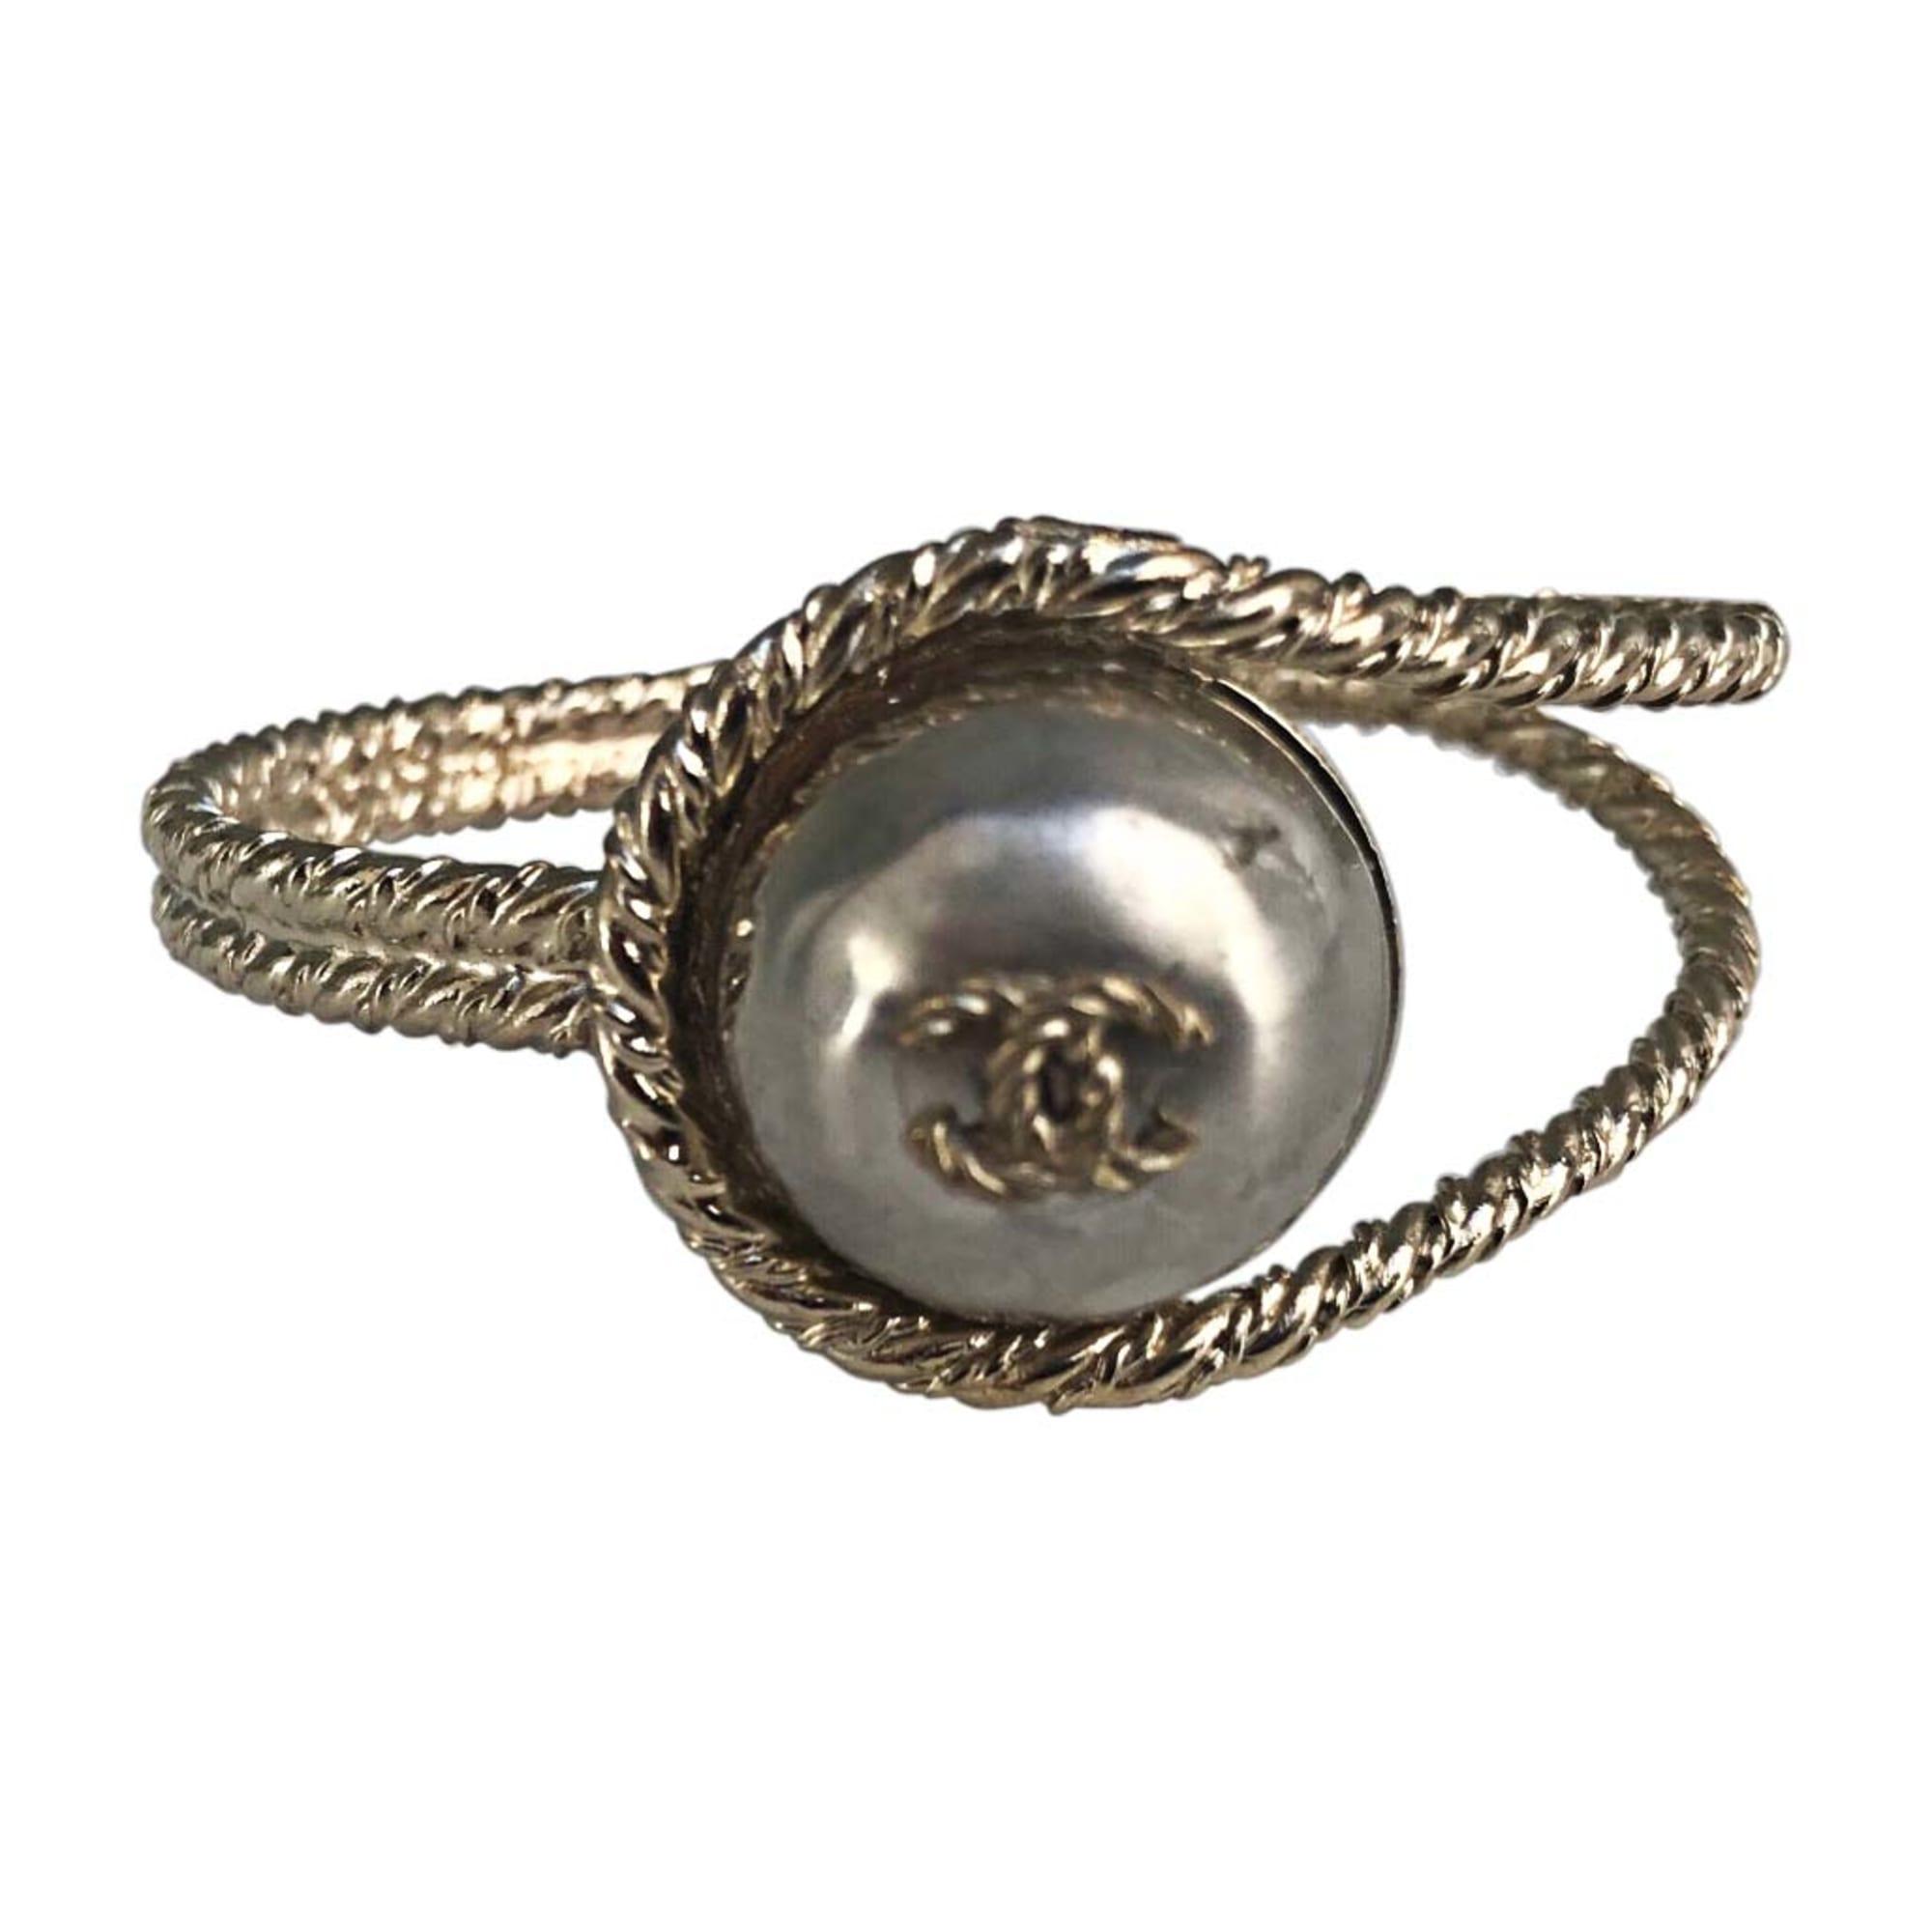 ed42c5181846 Bracelet CHANEL silver - 7836012